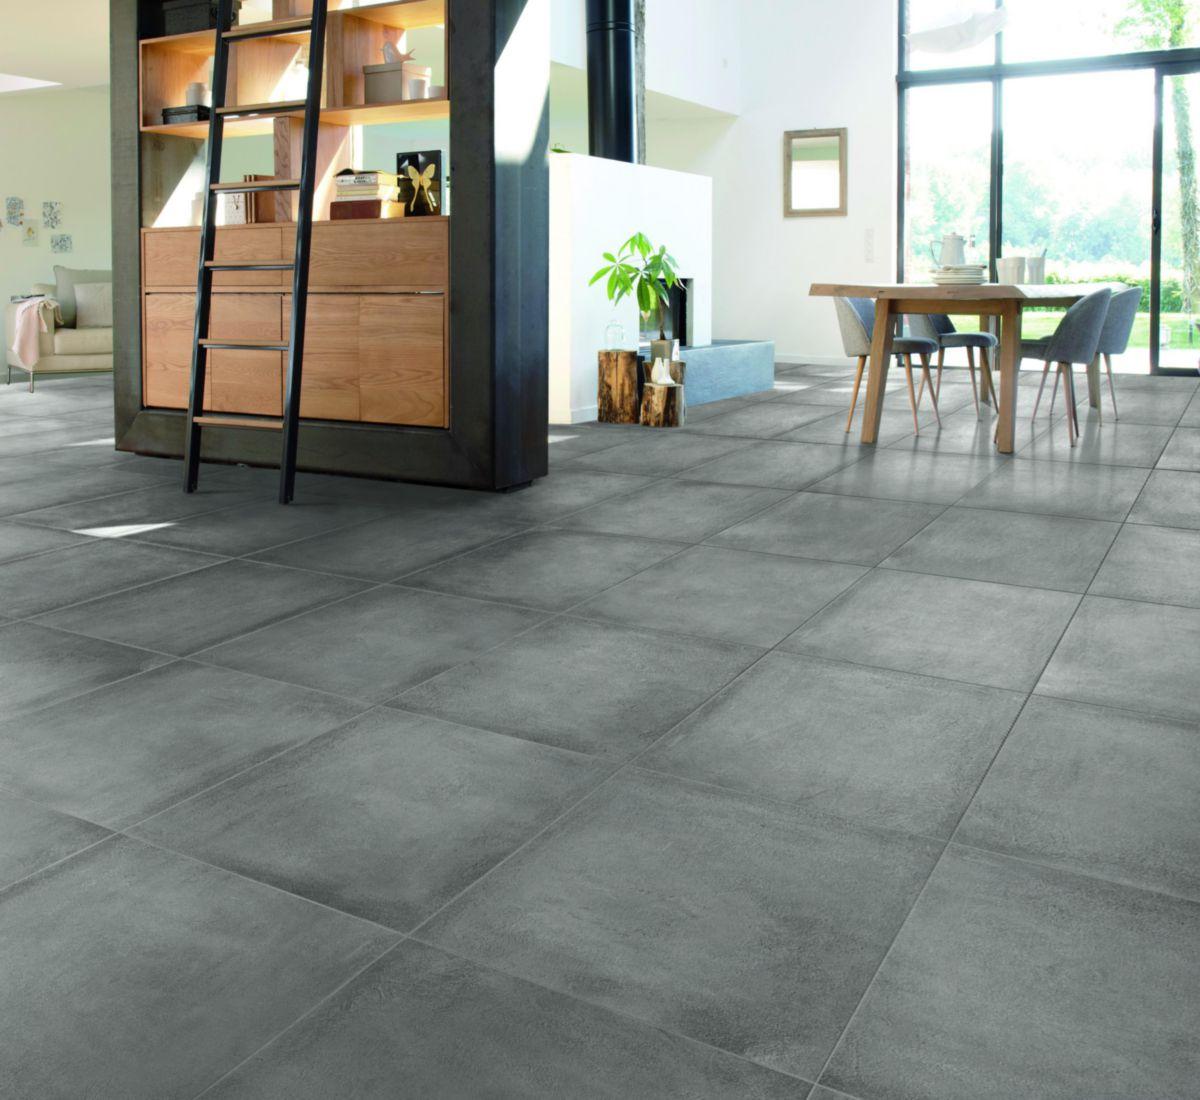 ciment palais rectifie 60x60 cm